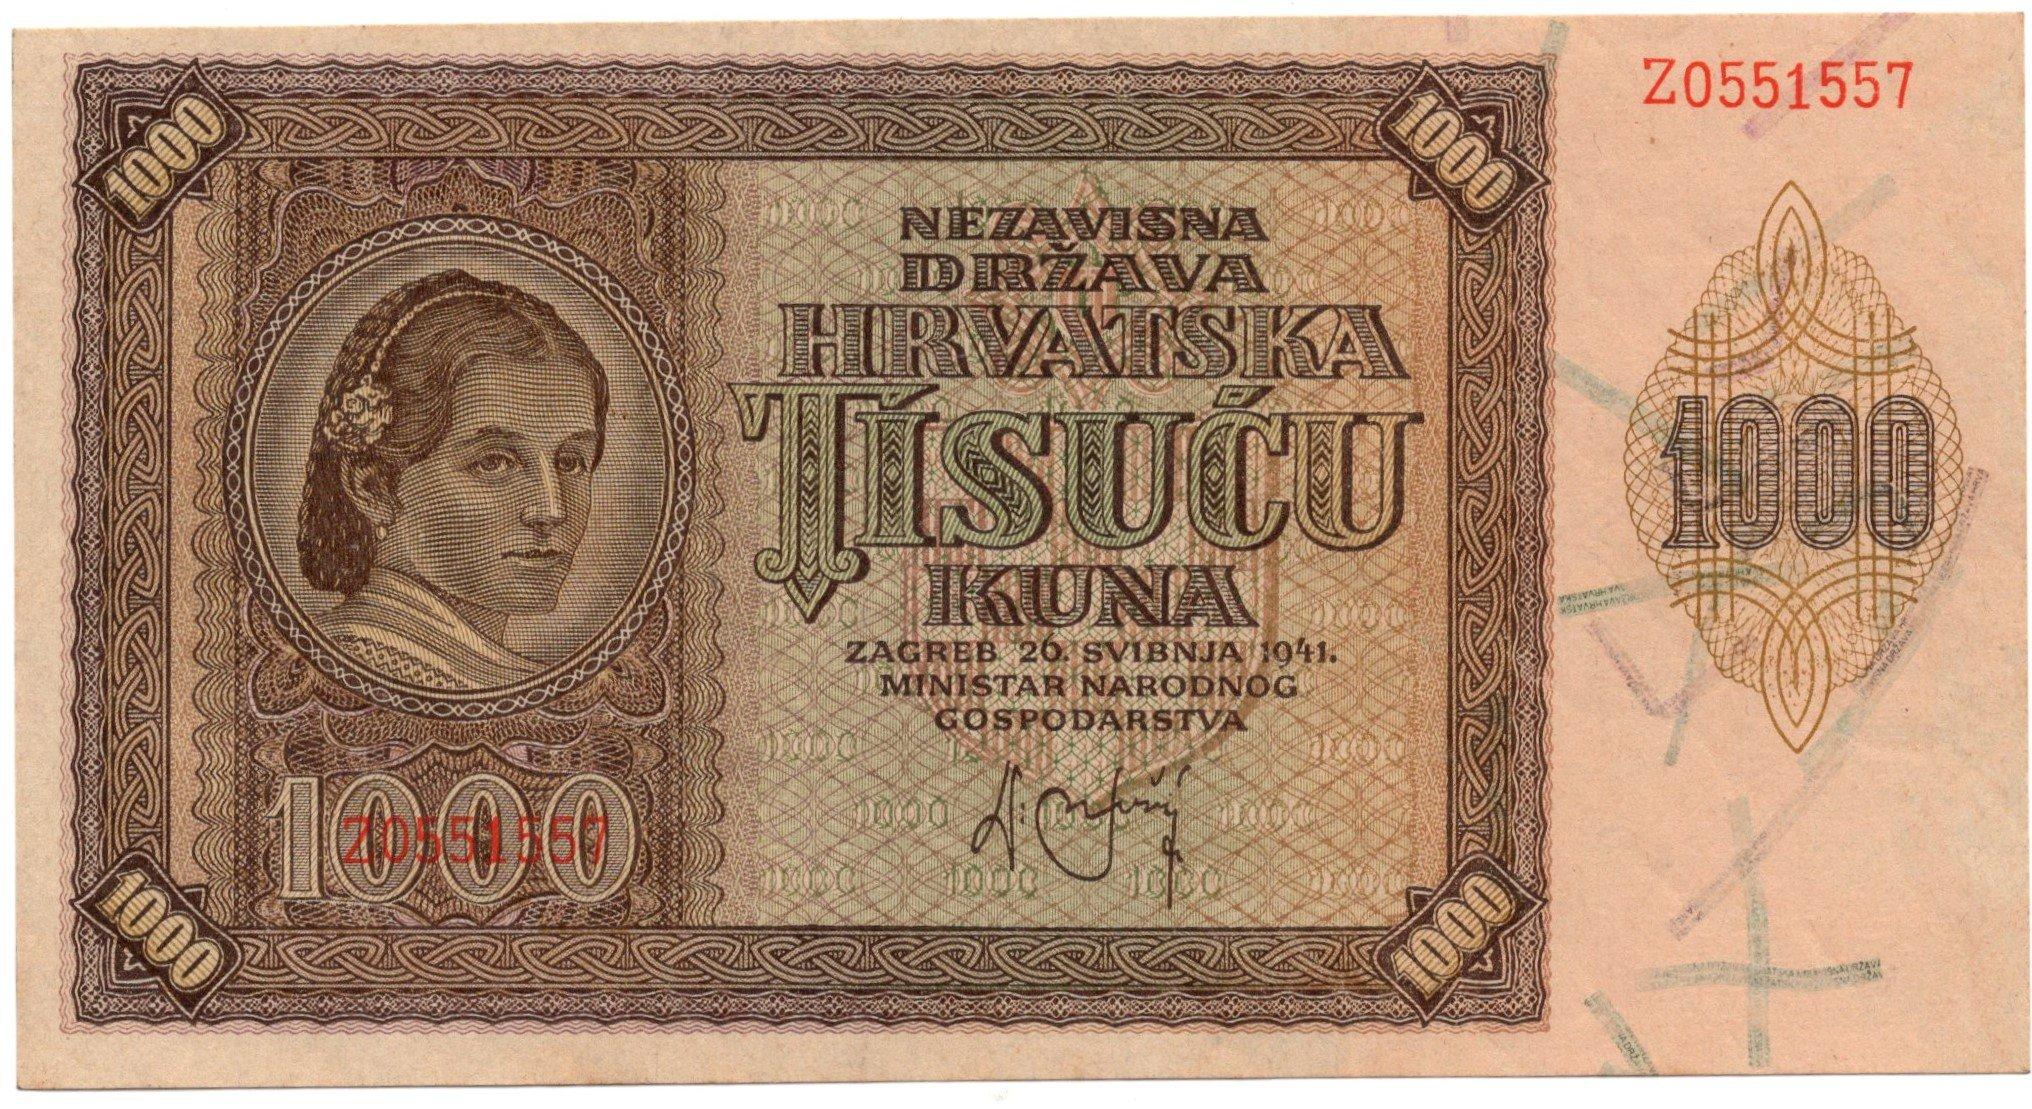 Croatia 1000 kuna 1941 for sale